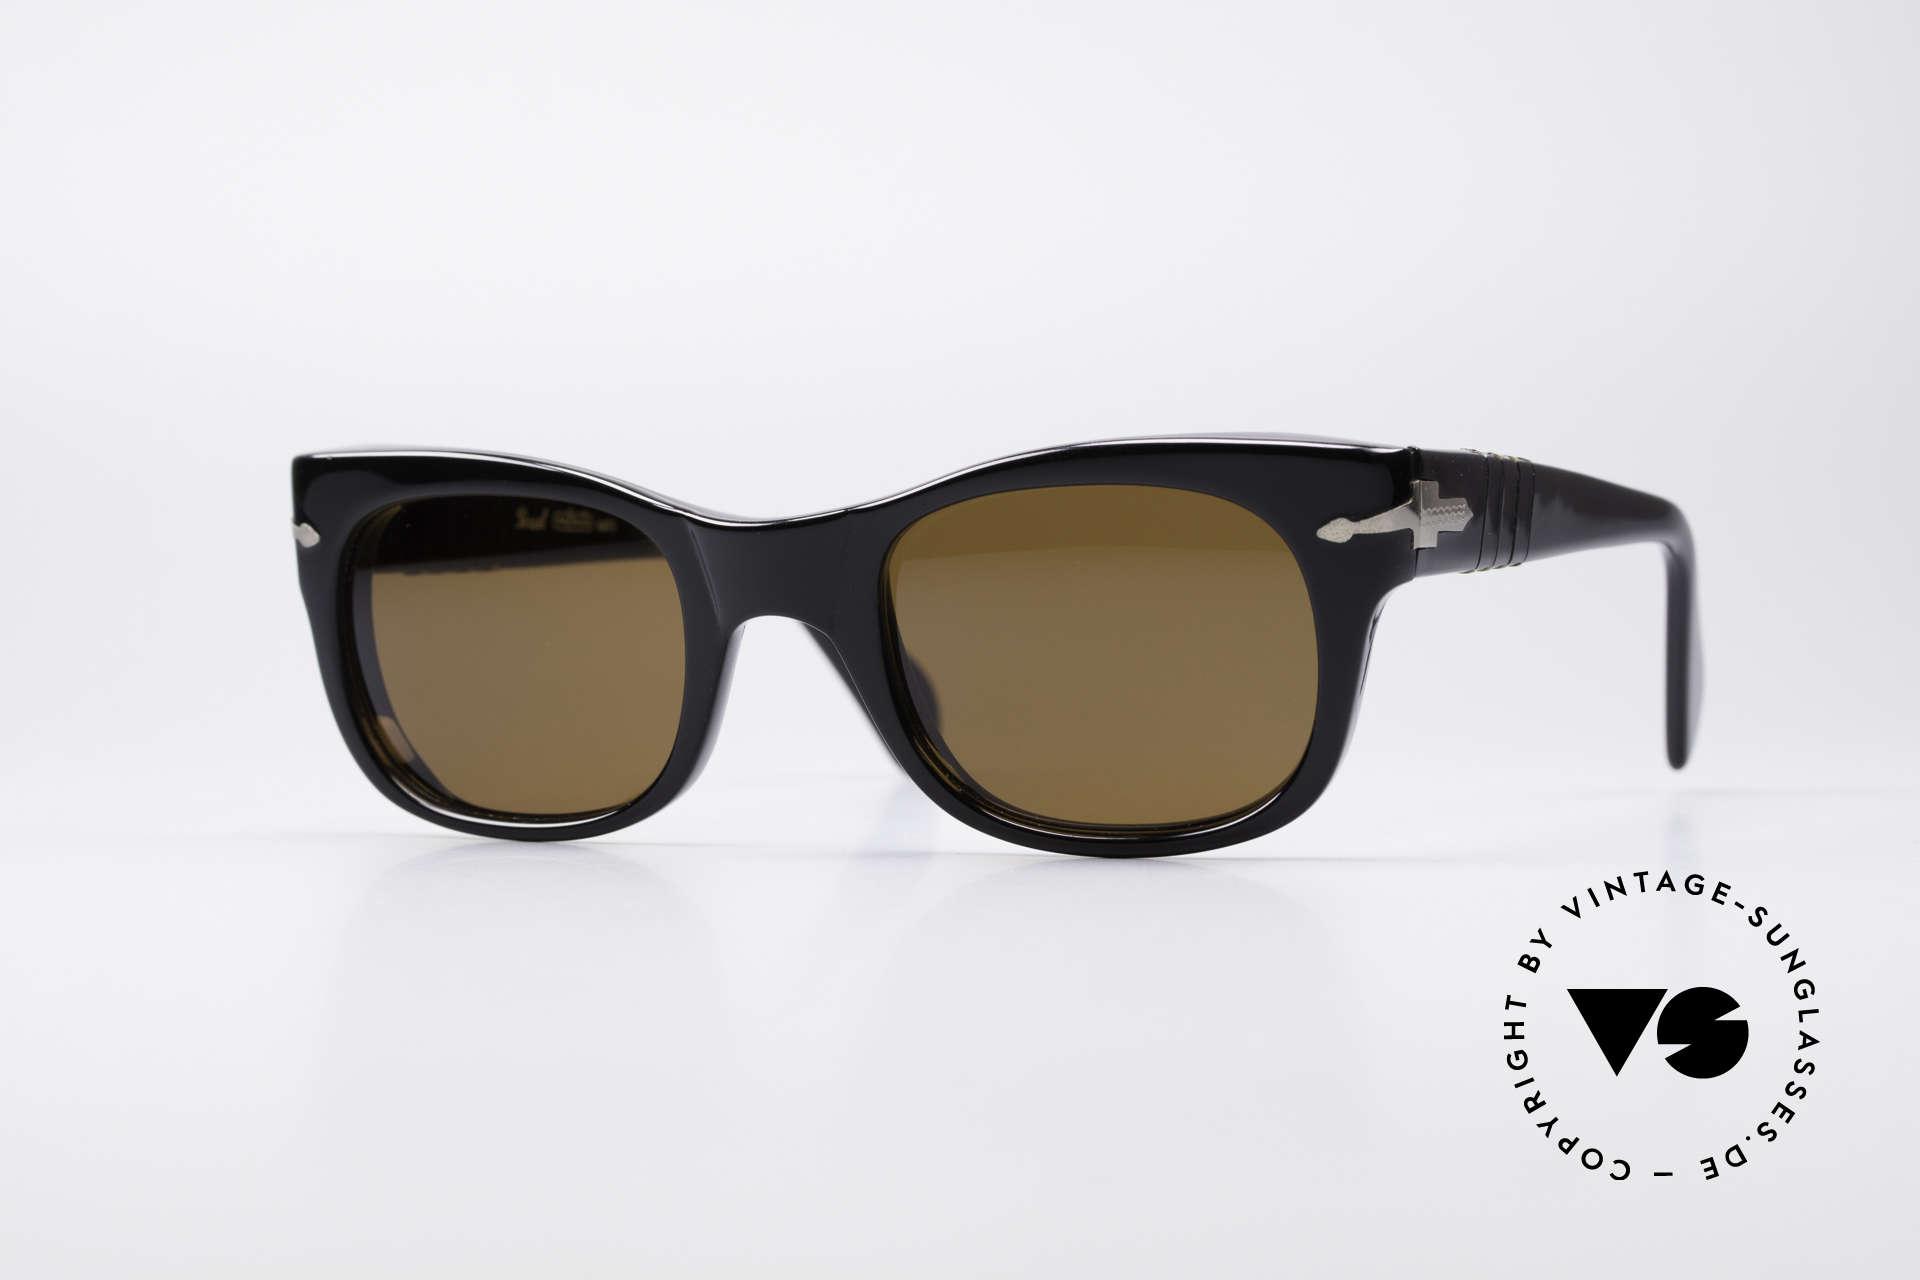 4e331658c86a5 Sunglasses Persol 6201 Ratti Identic 69202 Ratti